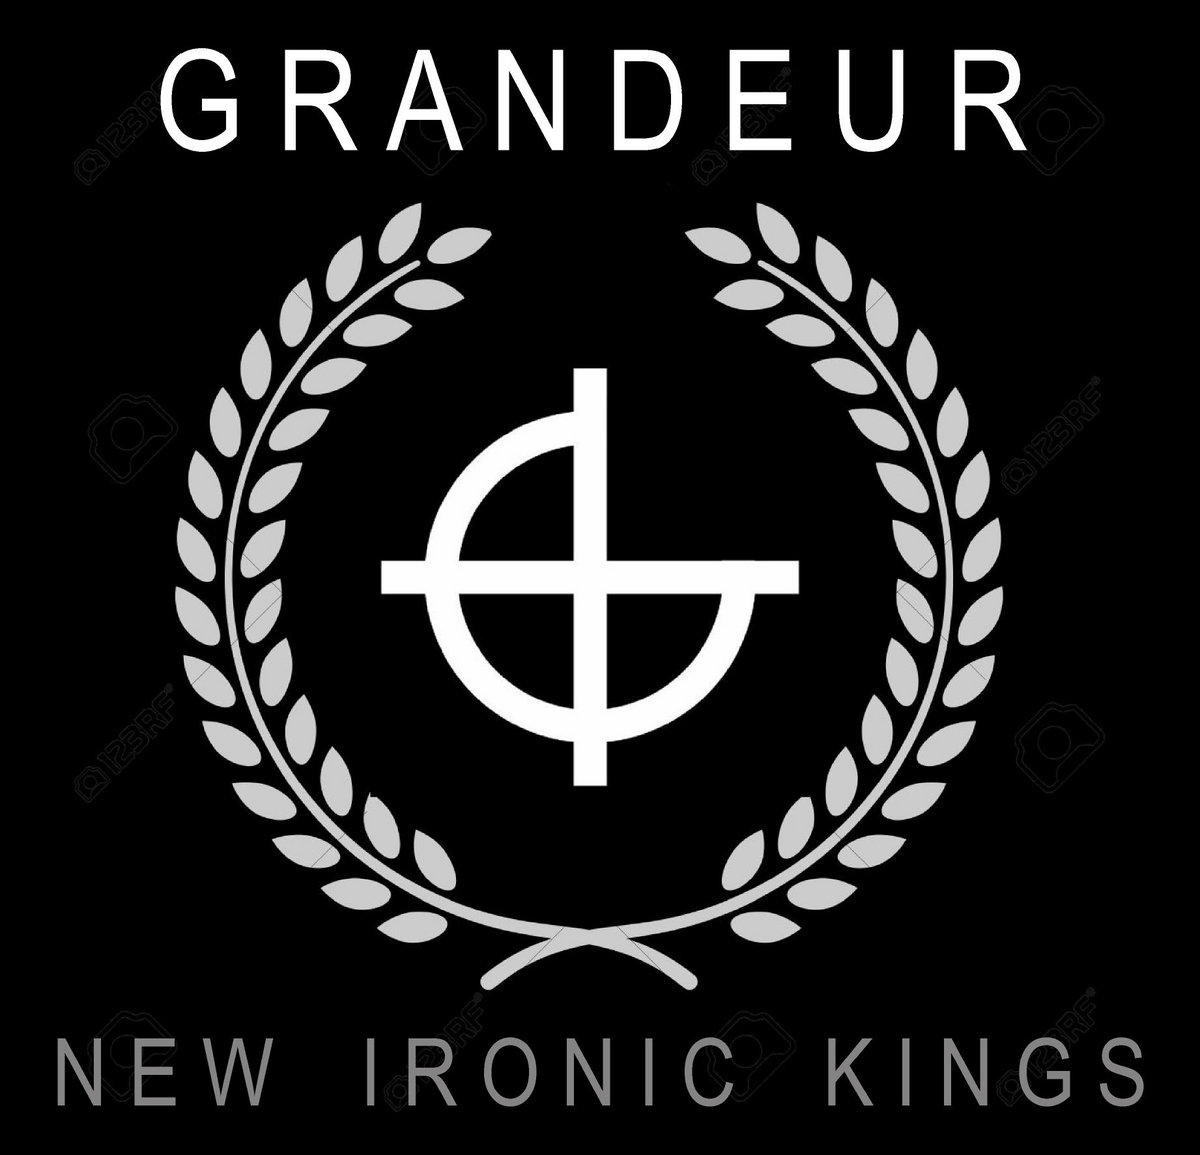 New Ironic Kings Grandeur